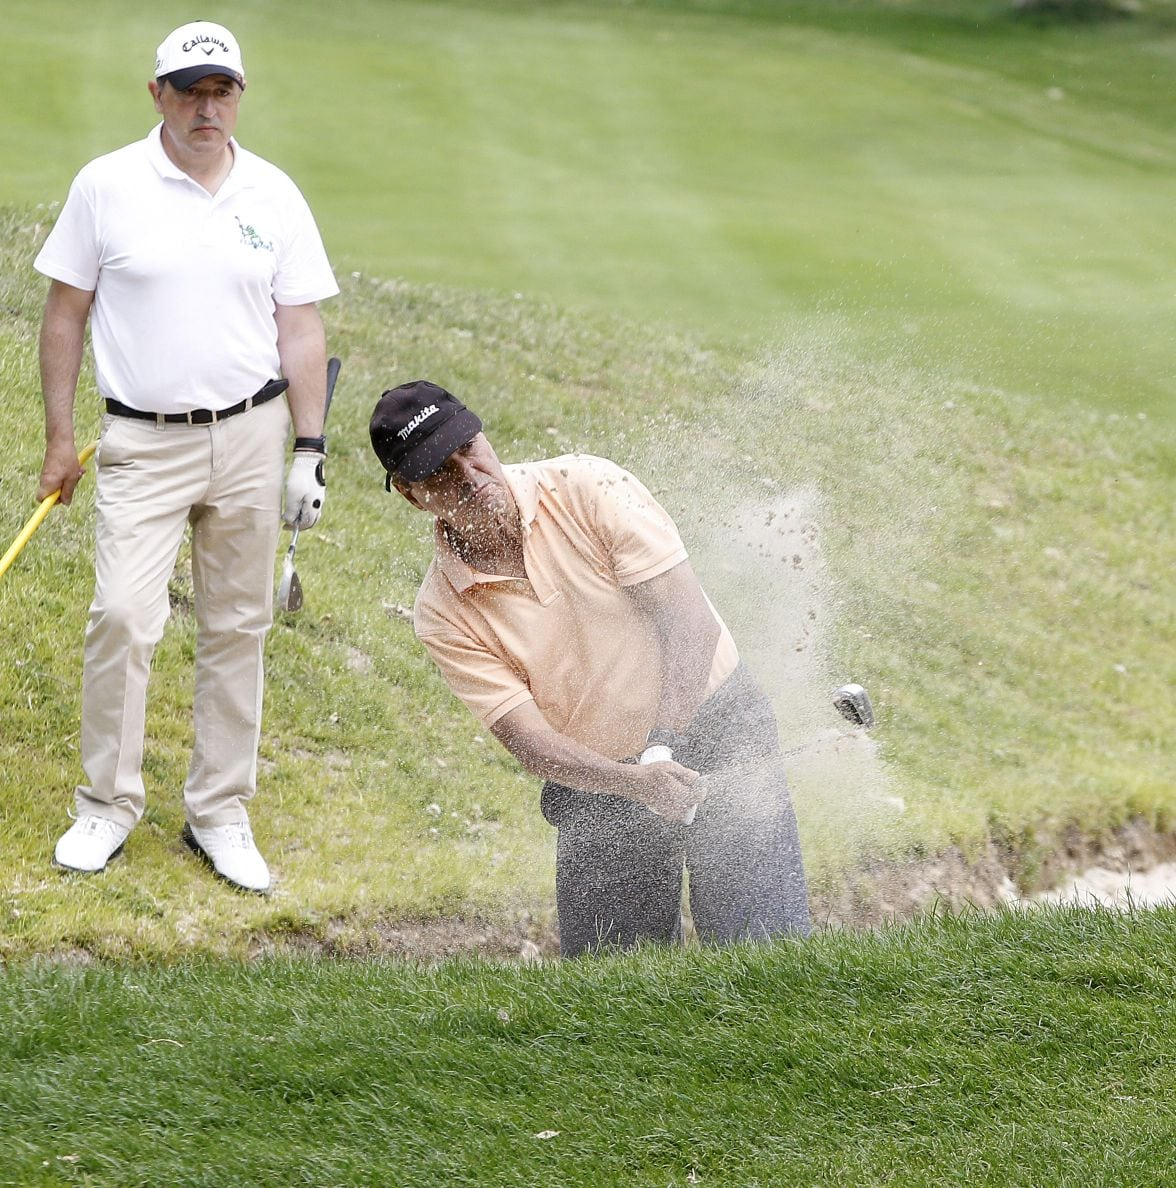 VI Torneo de Golf Tourline Express Tetuán en el Real Club de Golf La Herreria